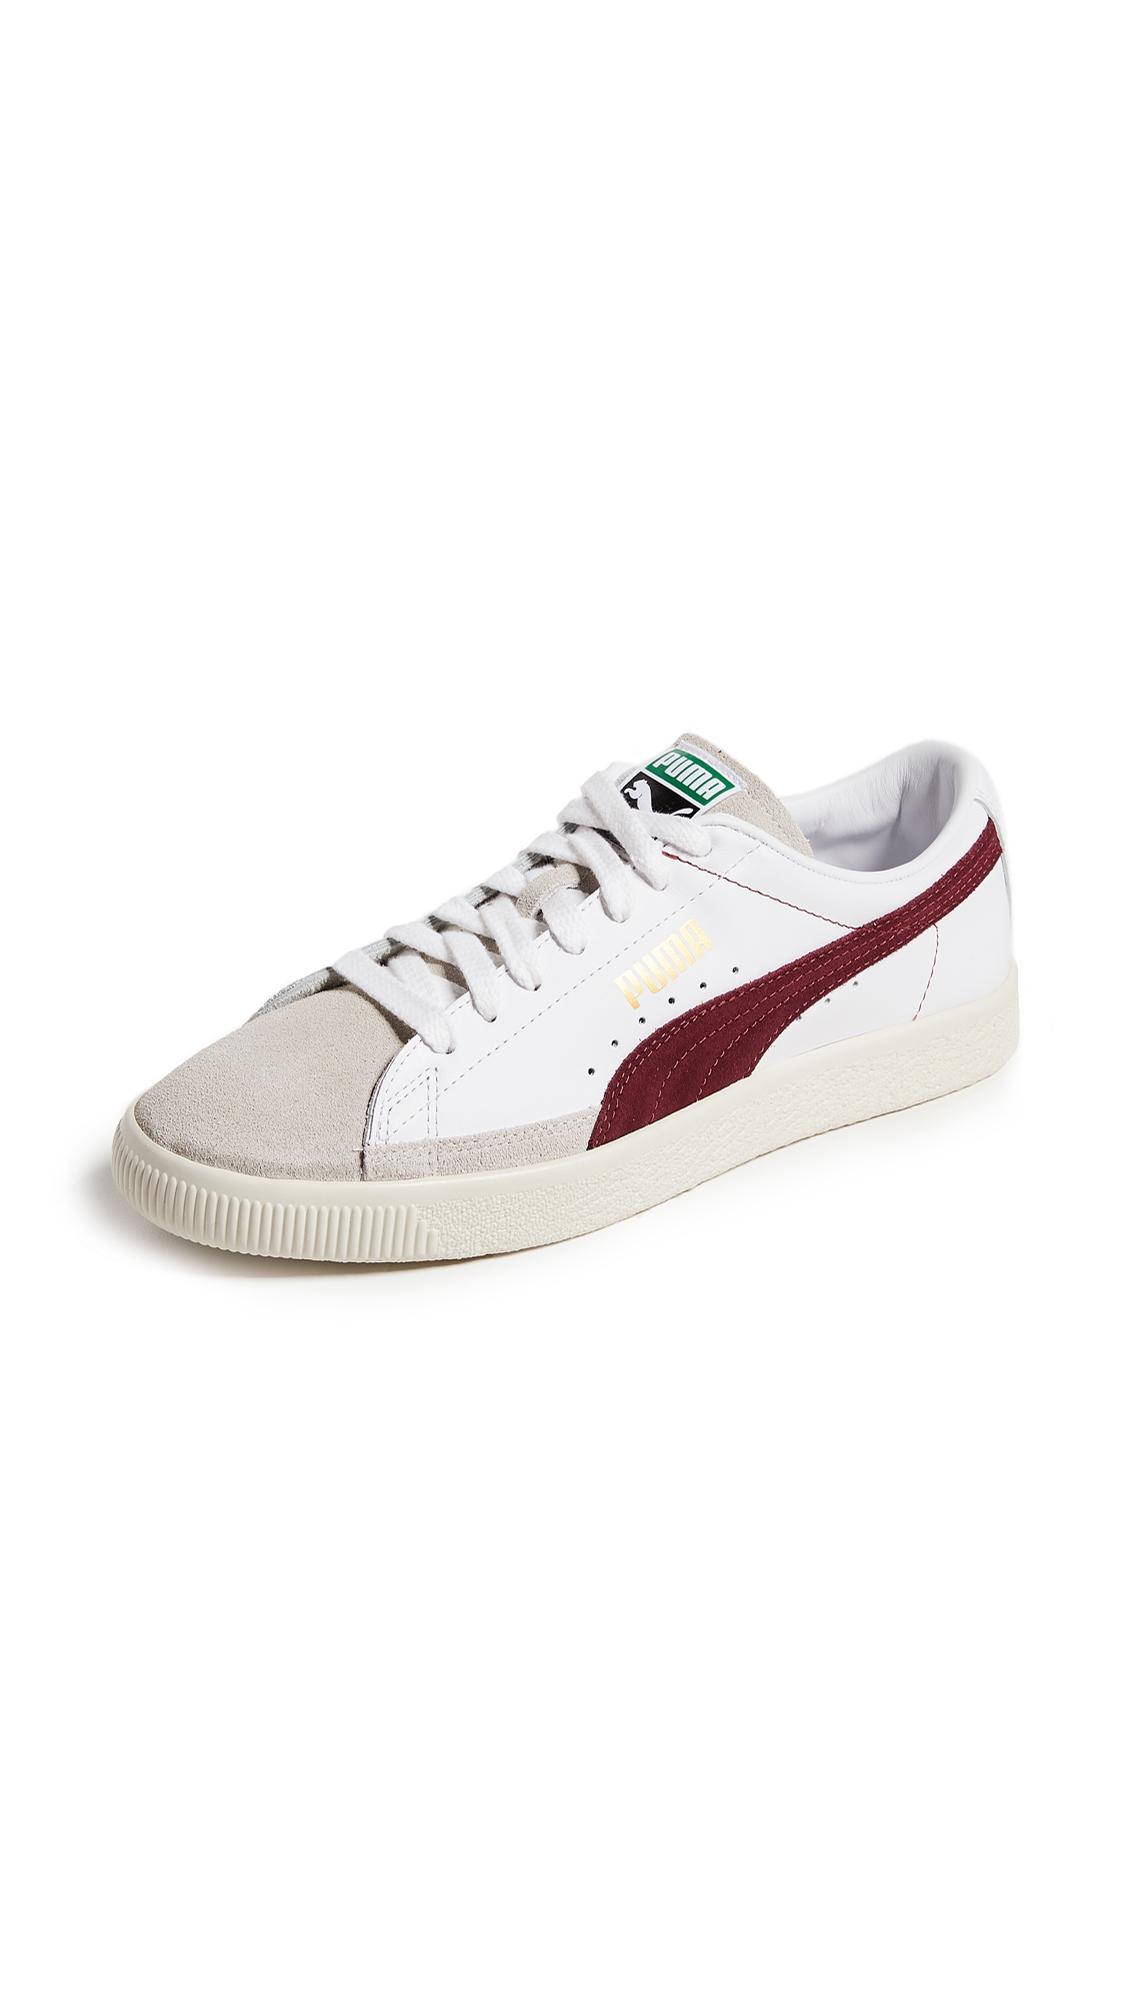 bf094dacf7c PUMA Basket 90680 Sneakers